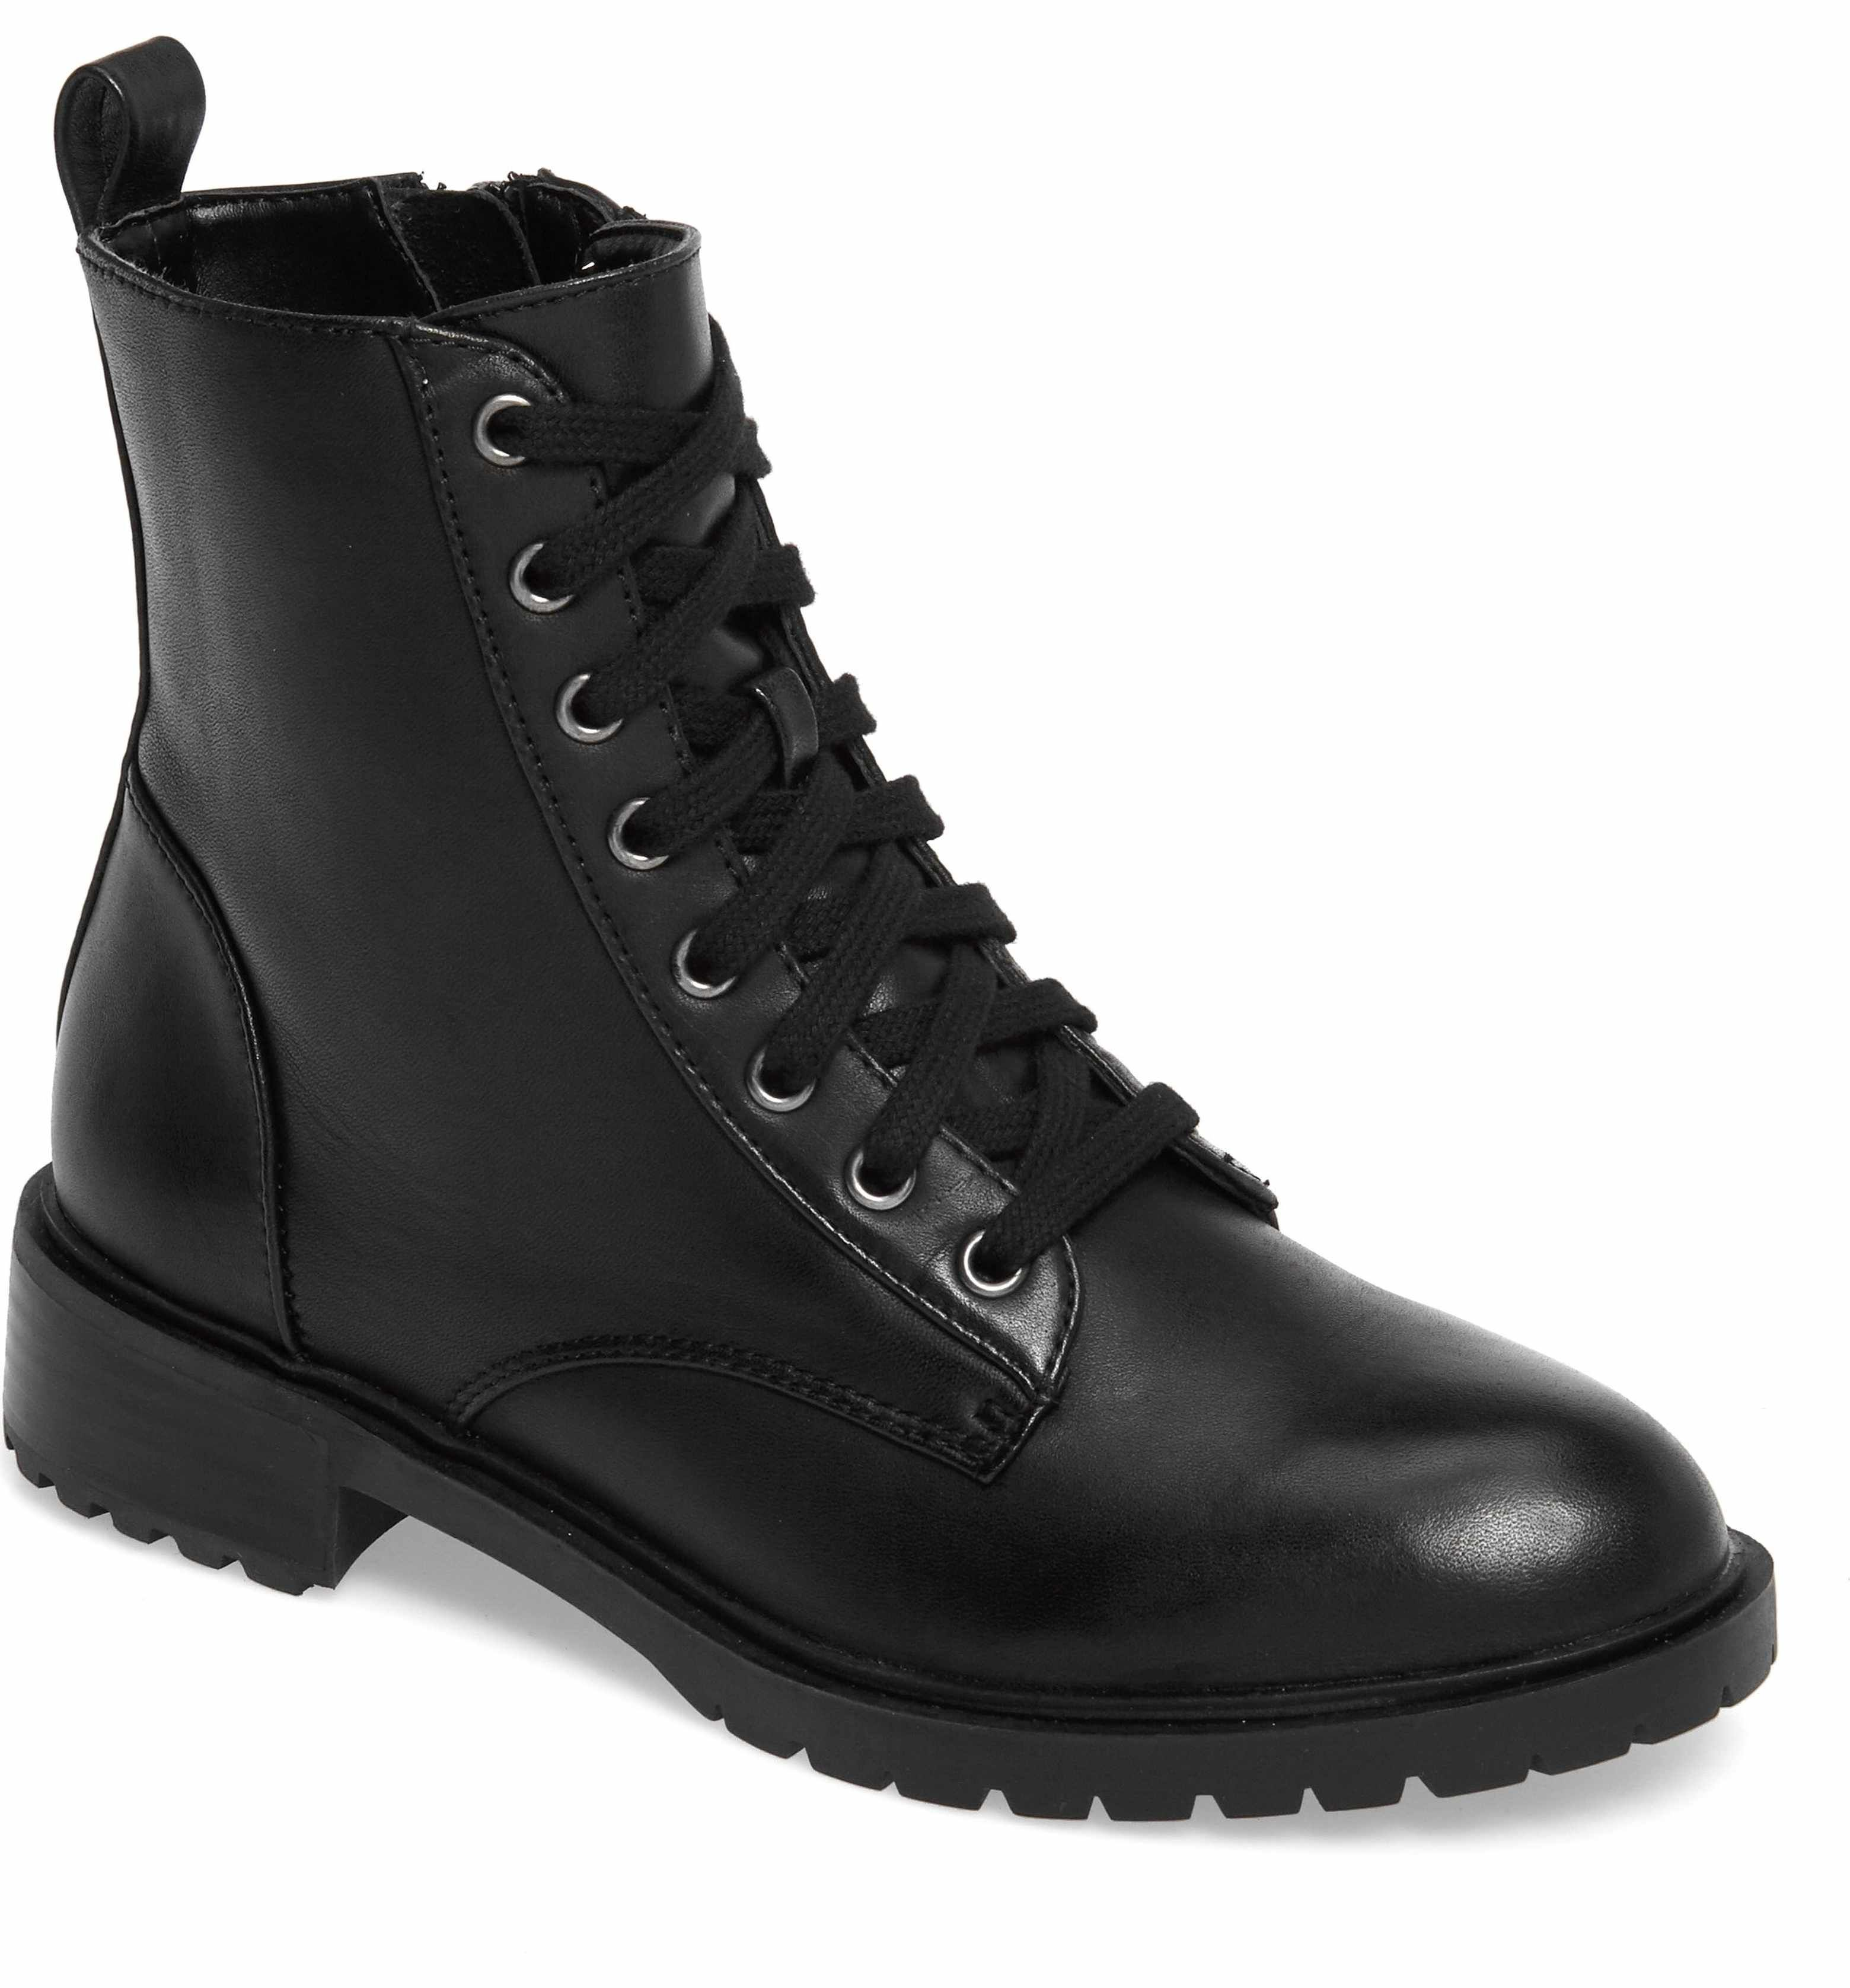 1a853a13fd8 Main Image - Steve Madden Officer Combat Boot (Women)